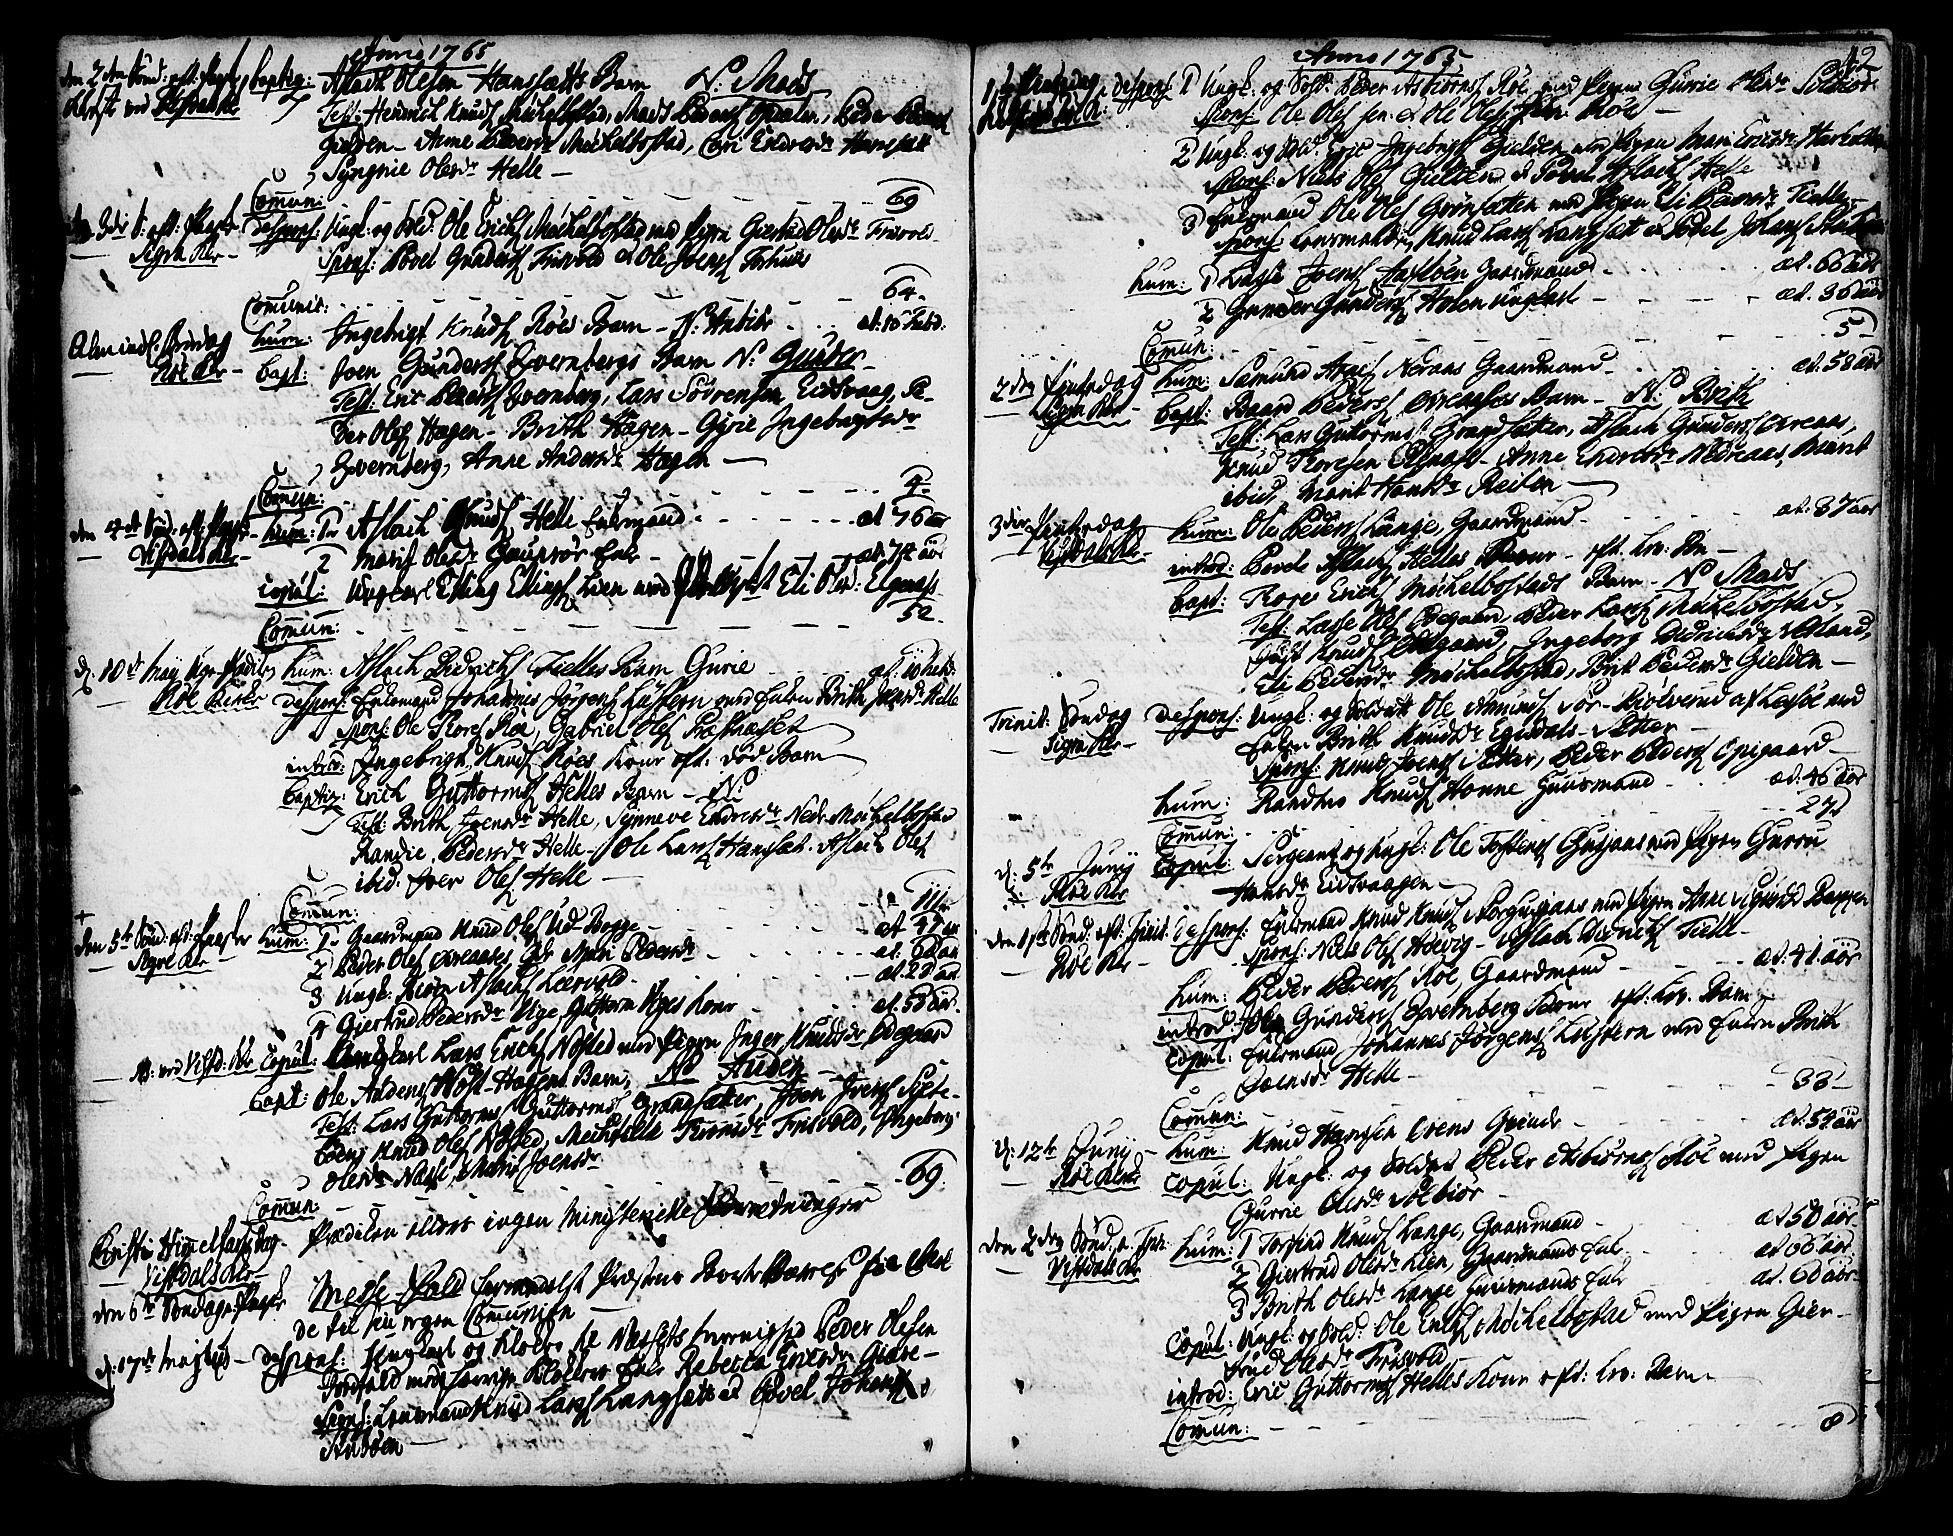 SAT, Ministerialprotokoller, klokkerbøker og fødselsregistre - Møre og Romsdal, 551/L0621: Ministerialbok nr. 551A01, 1757-1803, s. 42